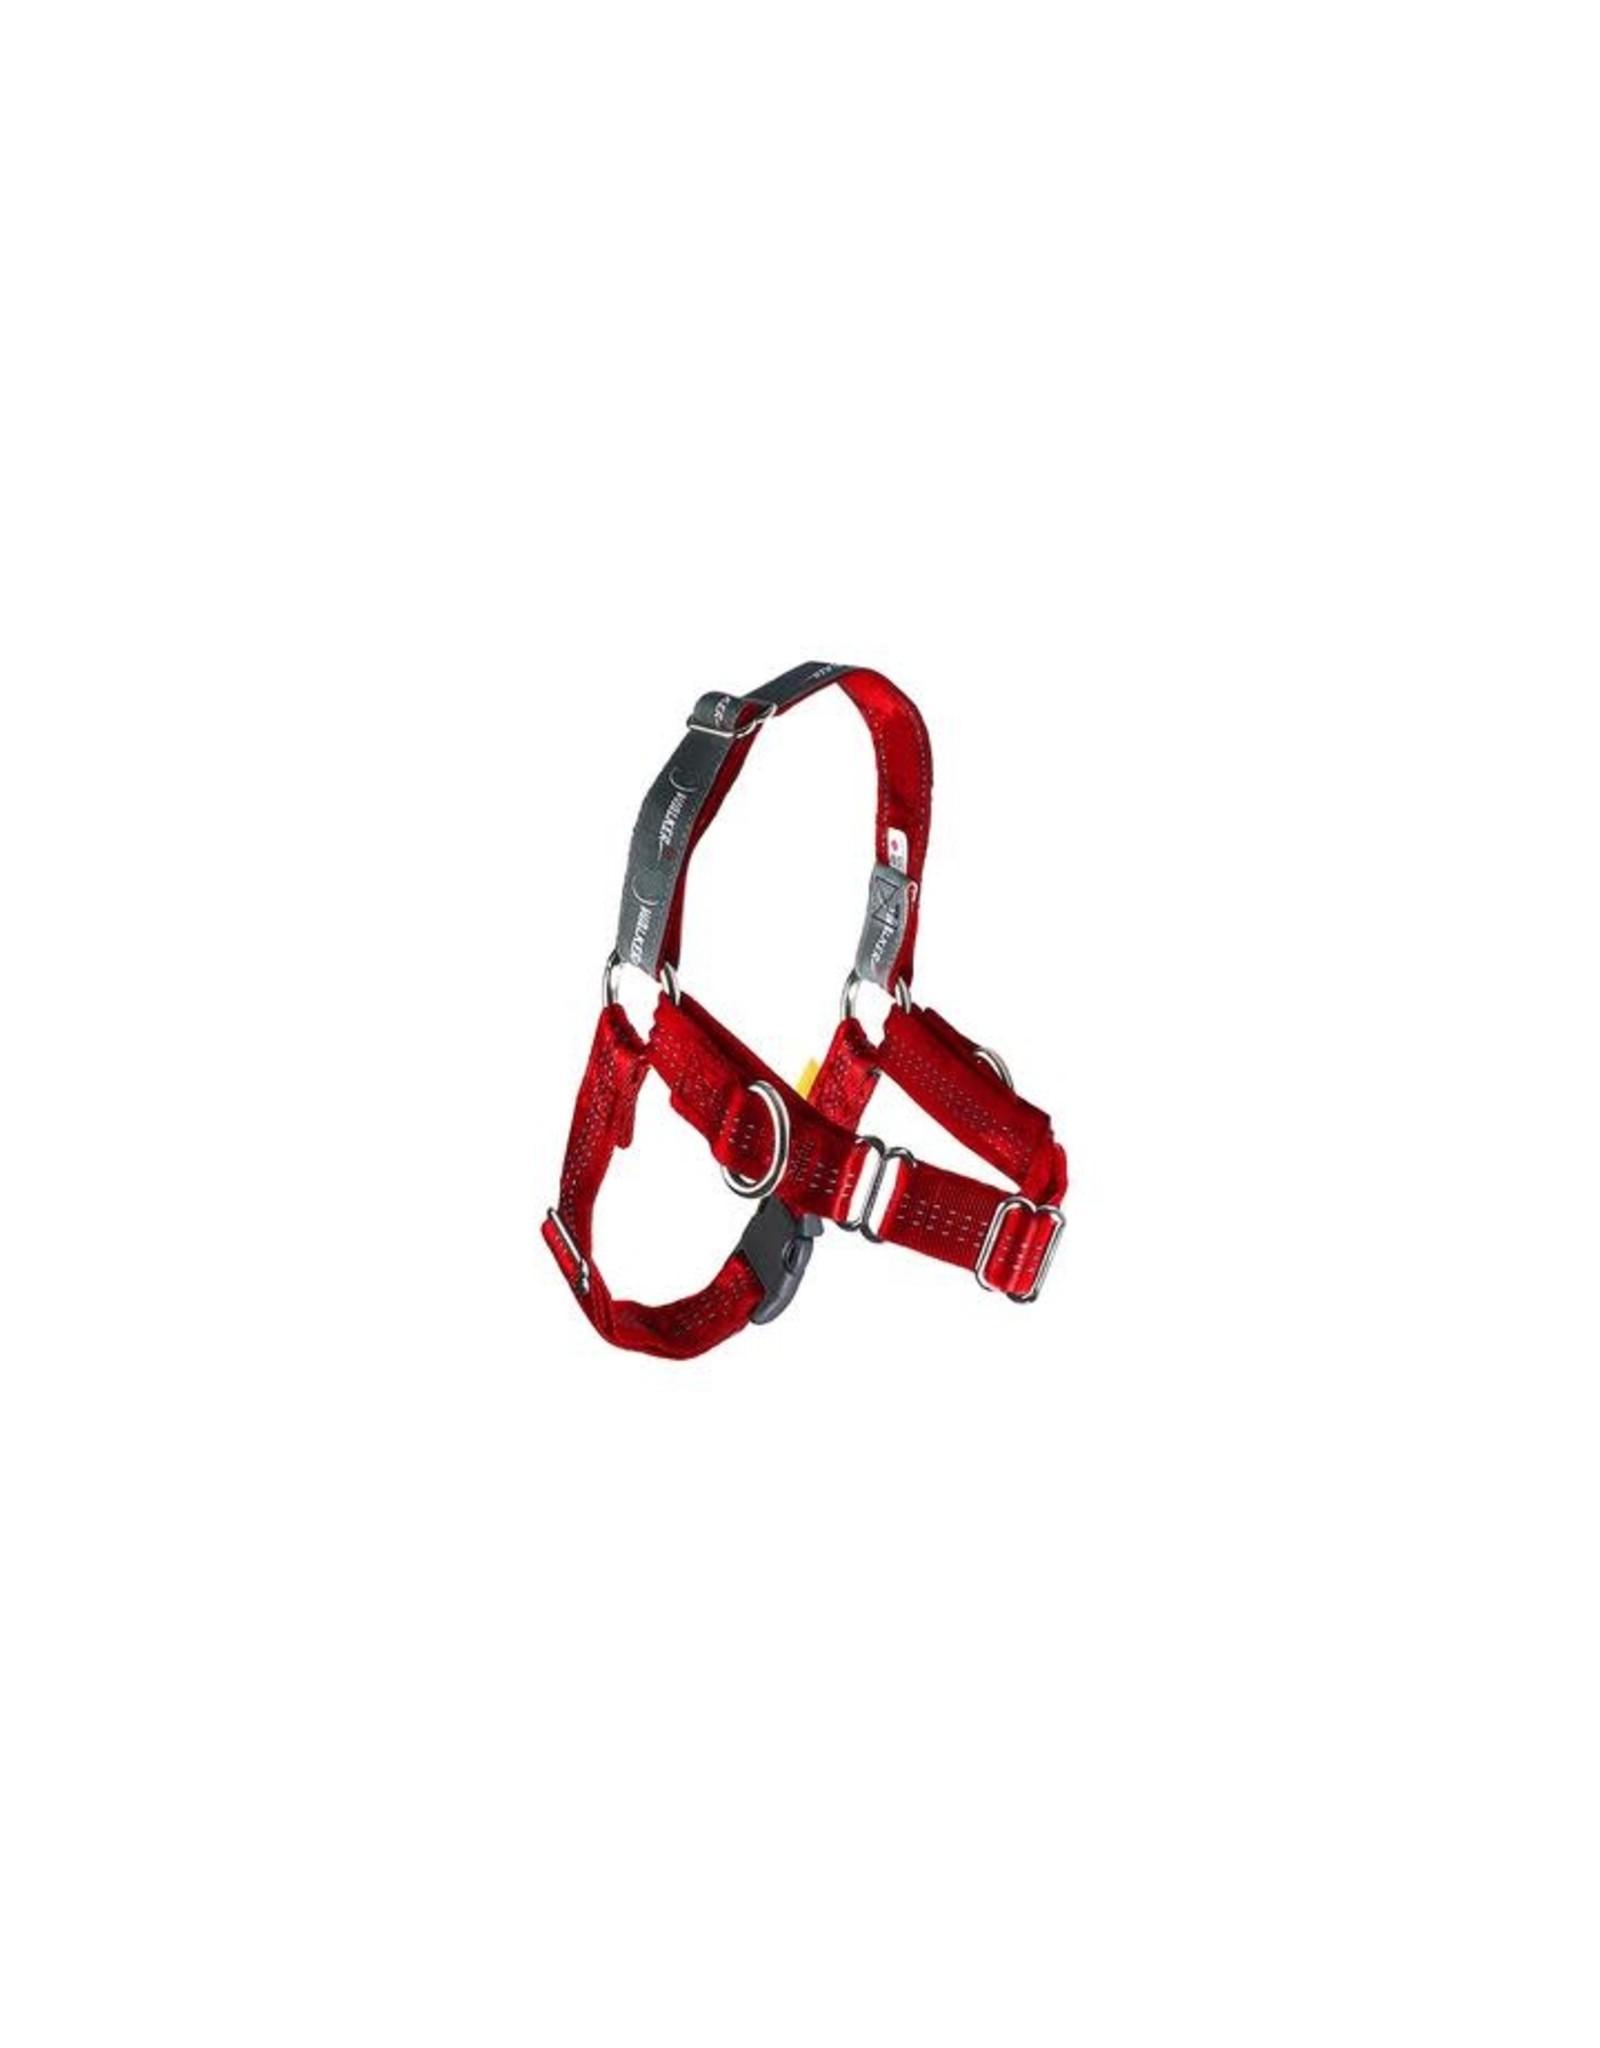 JWalker JWalker Harness - Red - XL